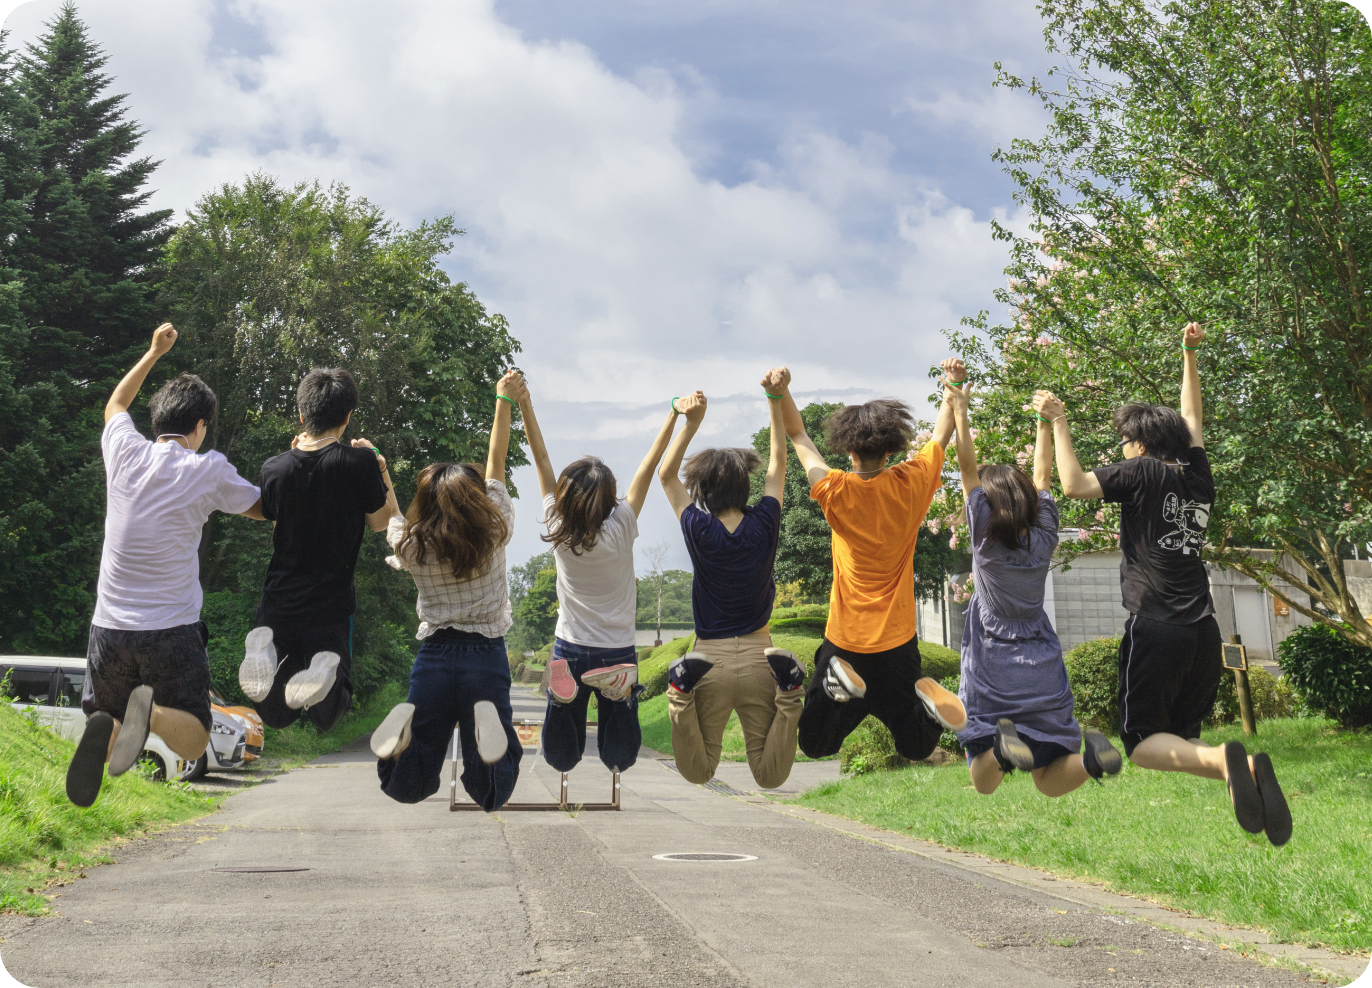 明日へと飛び跳ねる若者たち